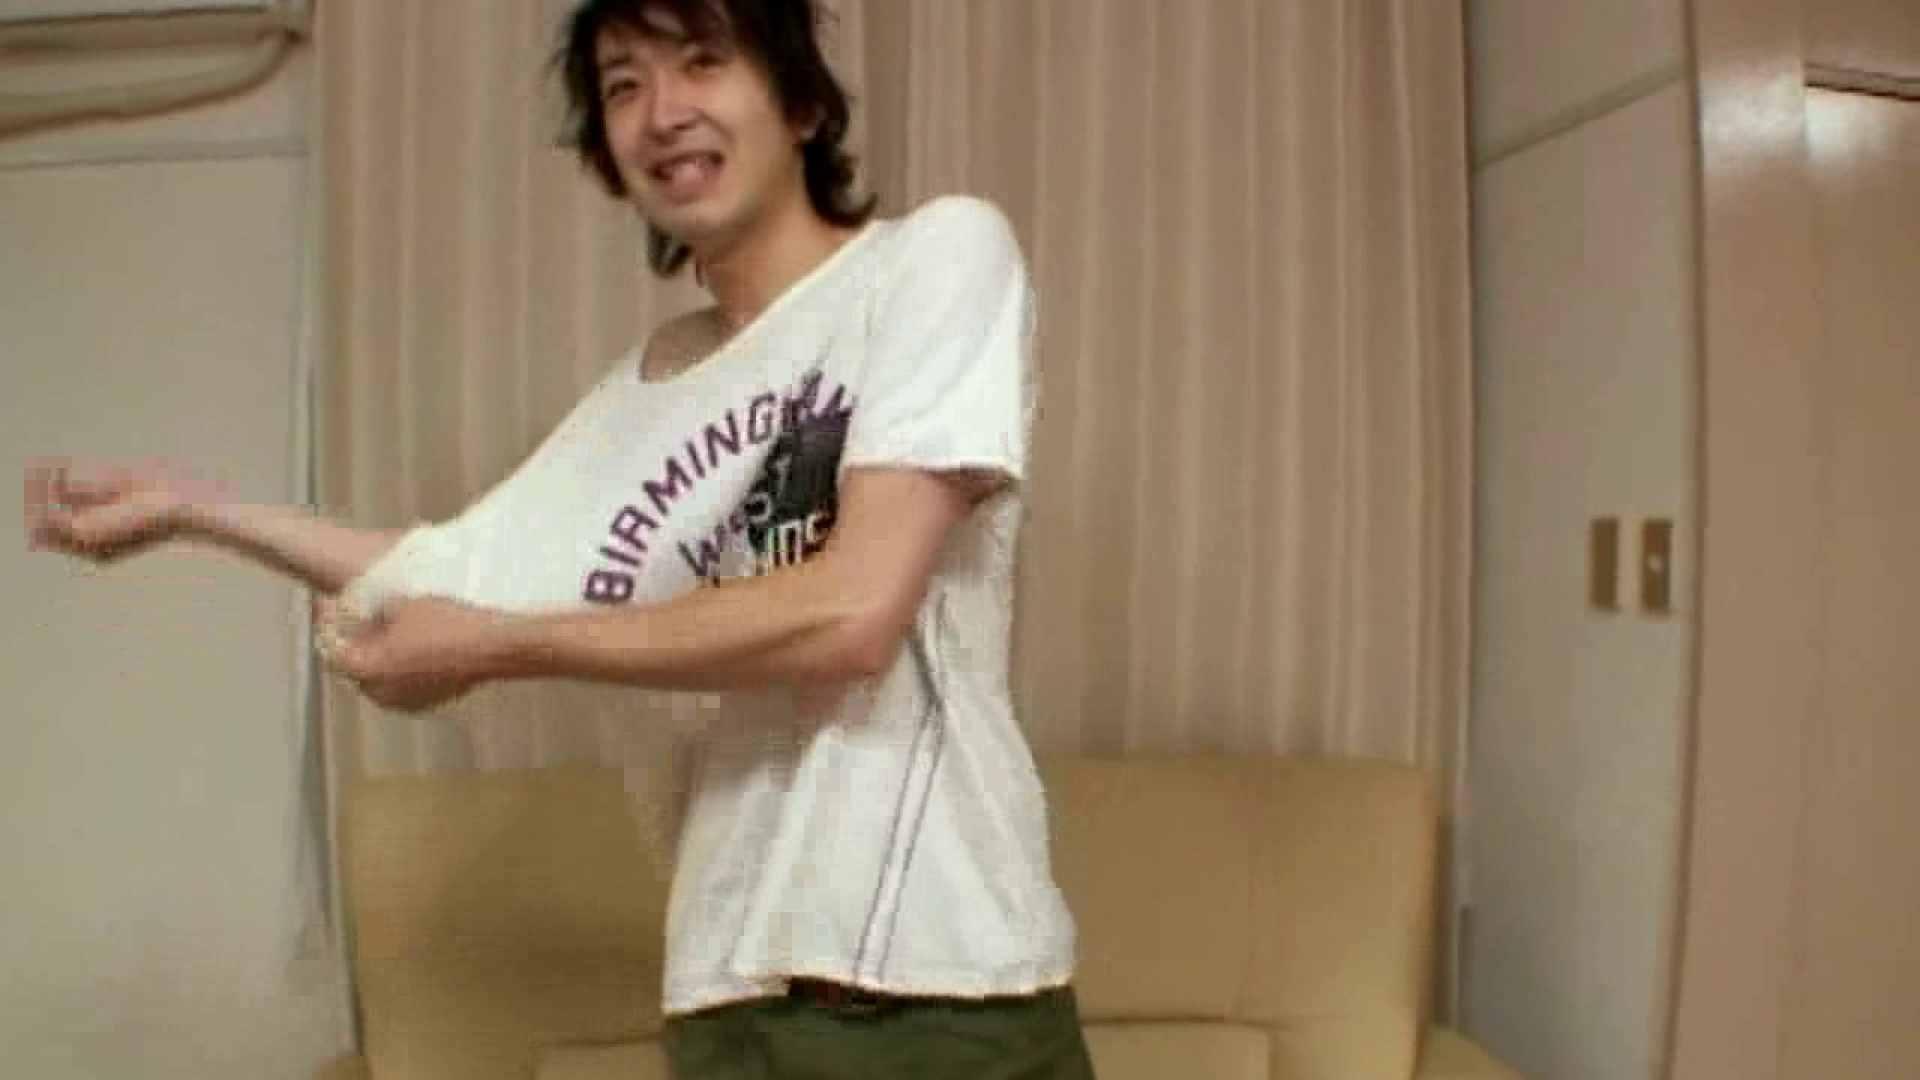 ノンケ!自慰スタジオ No.21 ゲイの自慰 ゲイエロ動画 107pic 48